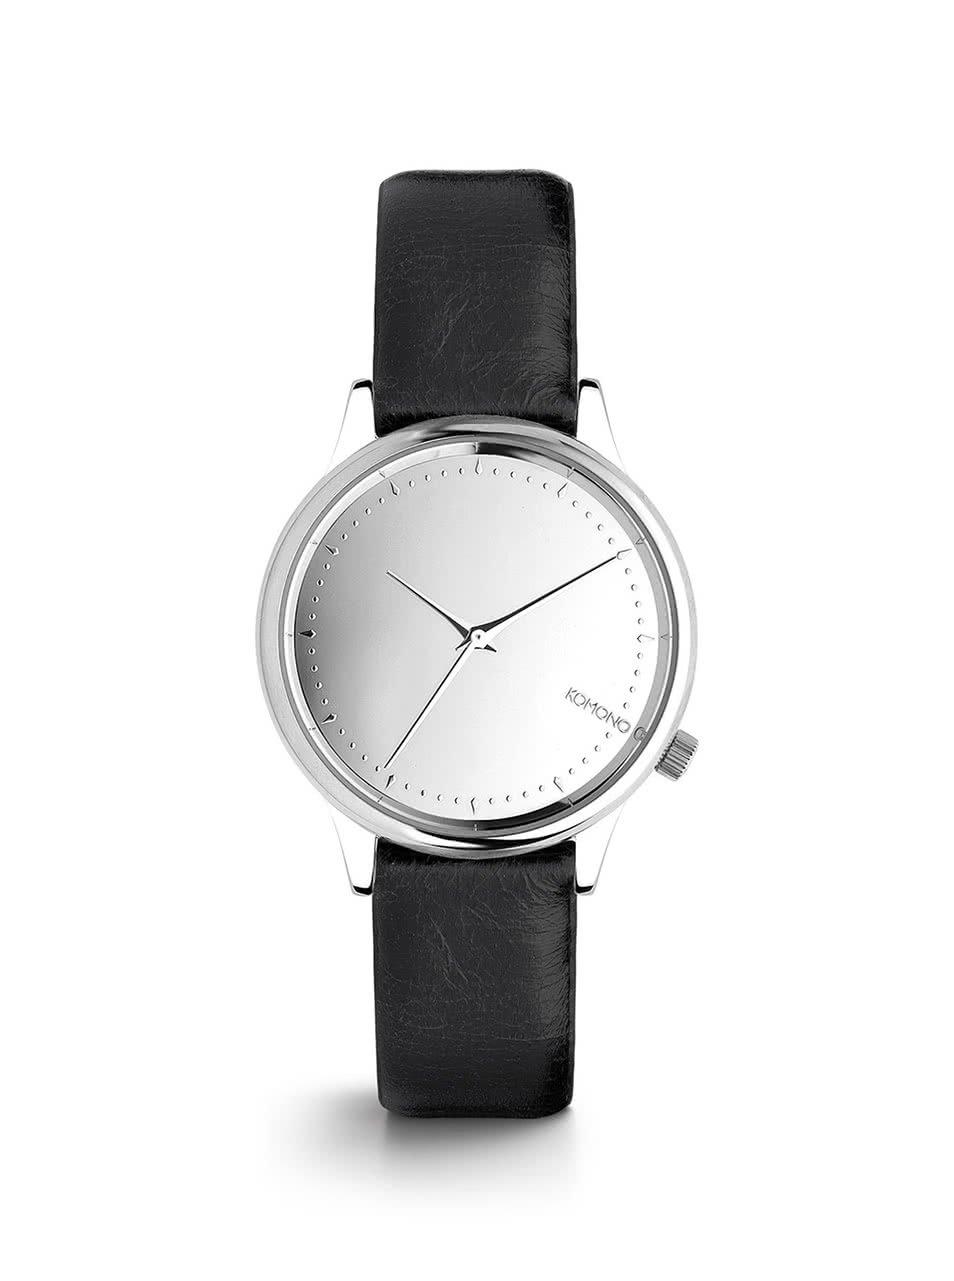 Dámské hodinky ve stříbrné barvě s černým koženým páskem Komono Estelle Mirror